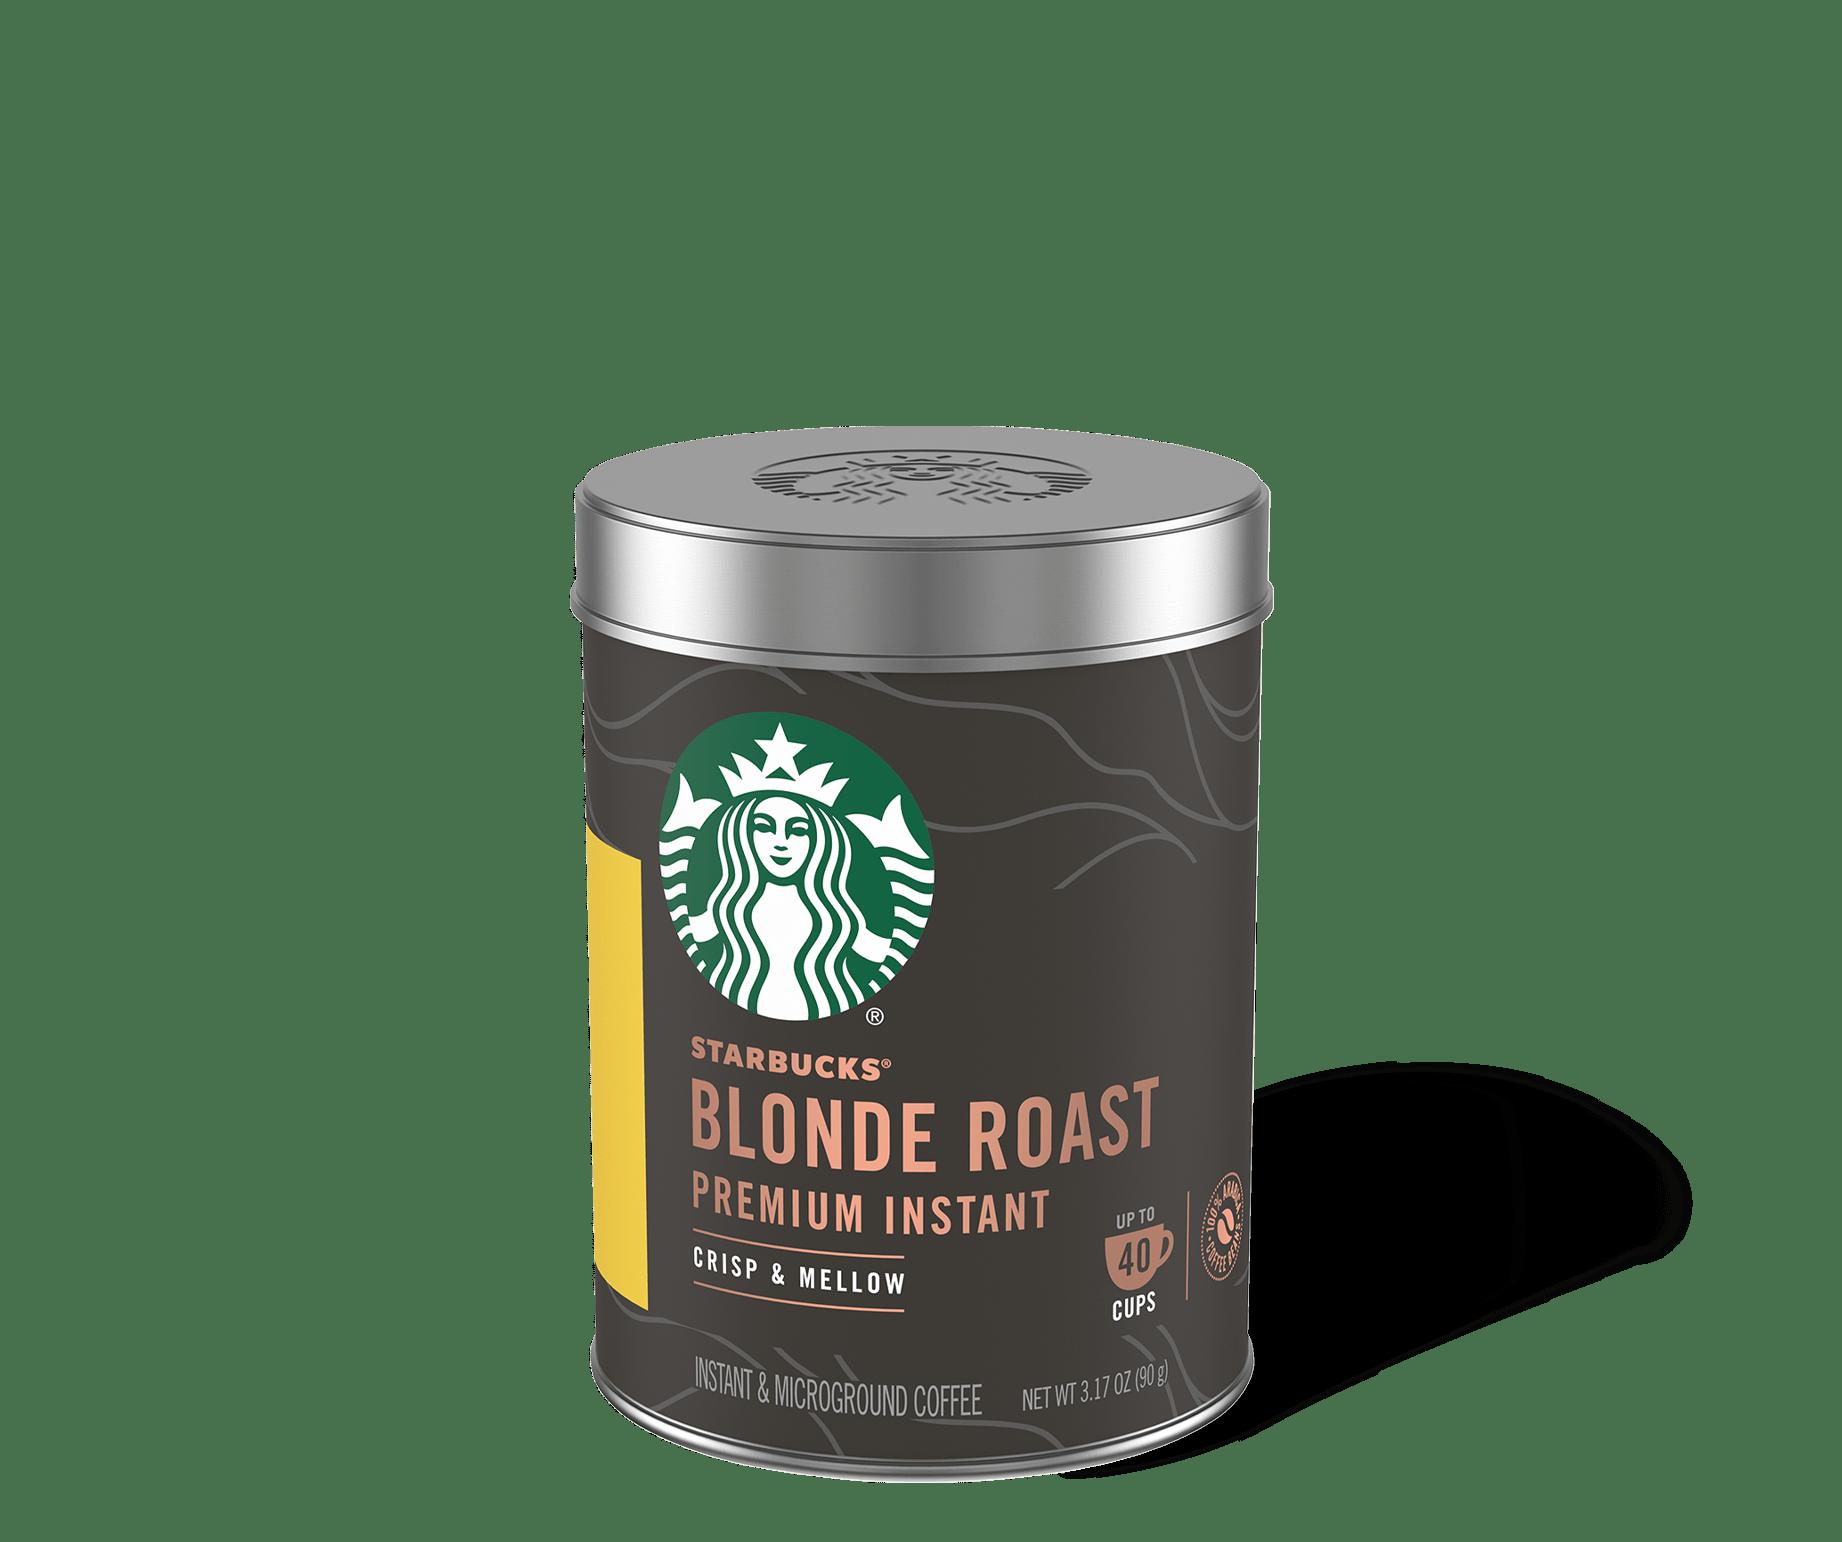 Starbucks® Premium Instant Blonde Roast